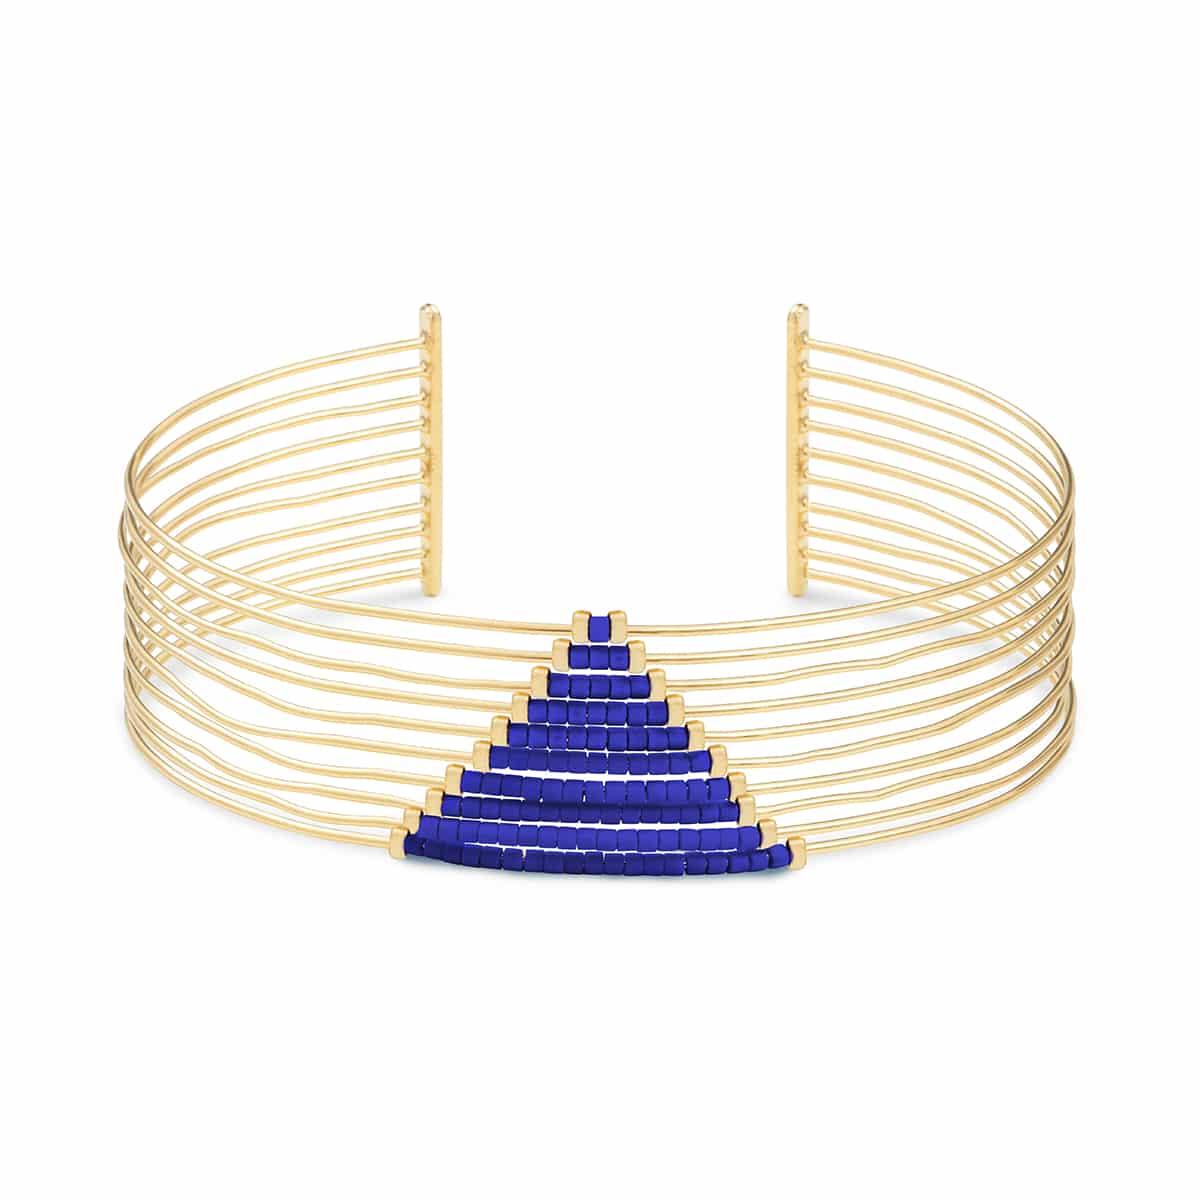 mirage bdm paris puño pulsera oro fino hecho a mano moda complementos mujer joyas